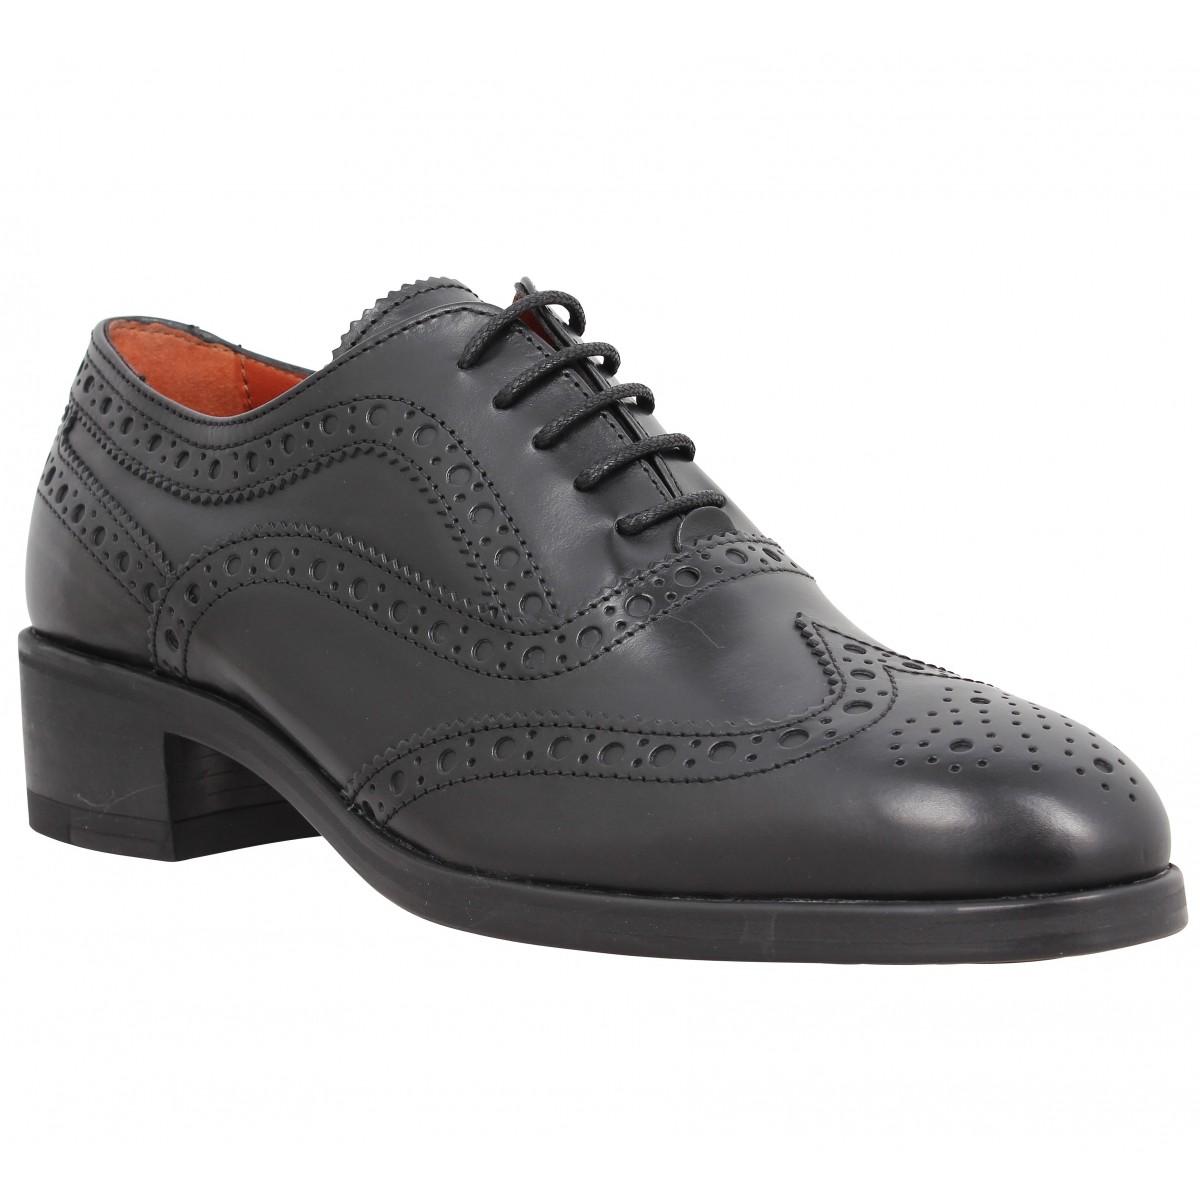 Chaussures à lacets TRIVER FLIGHT 220 14 cuir Femme Noir